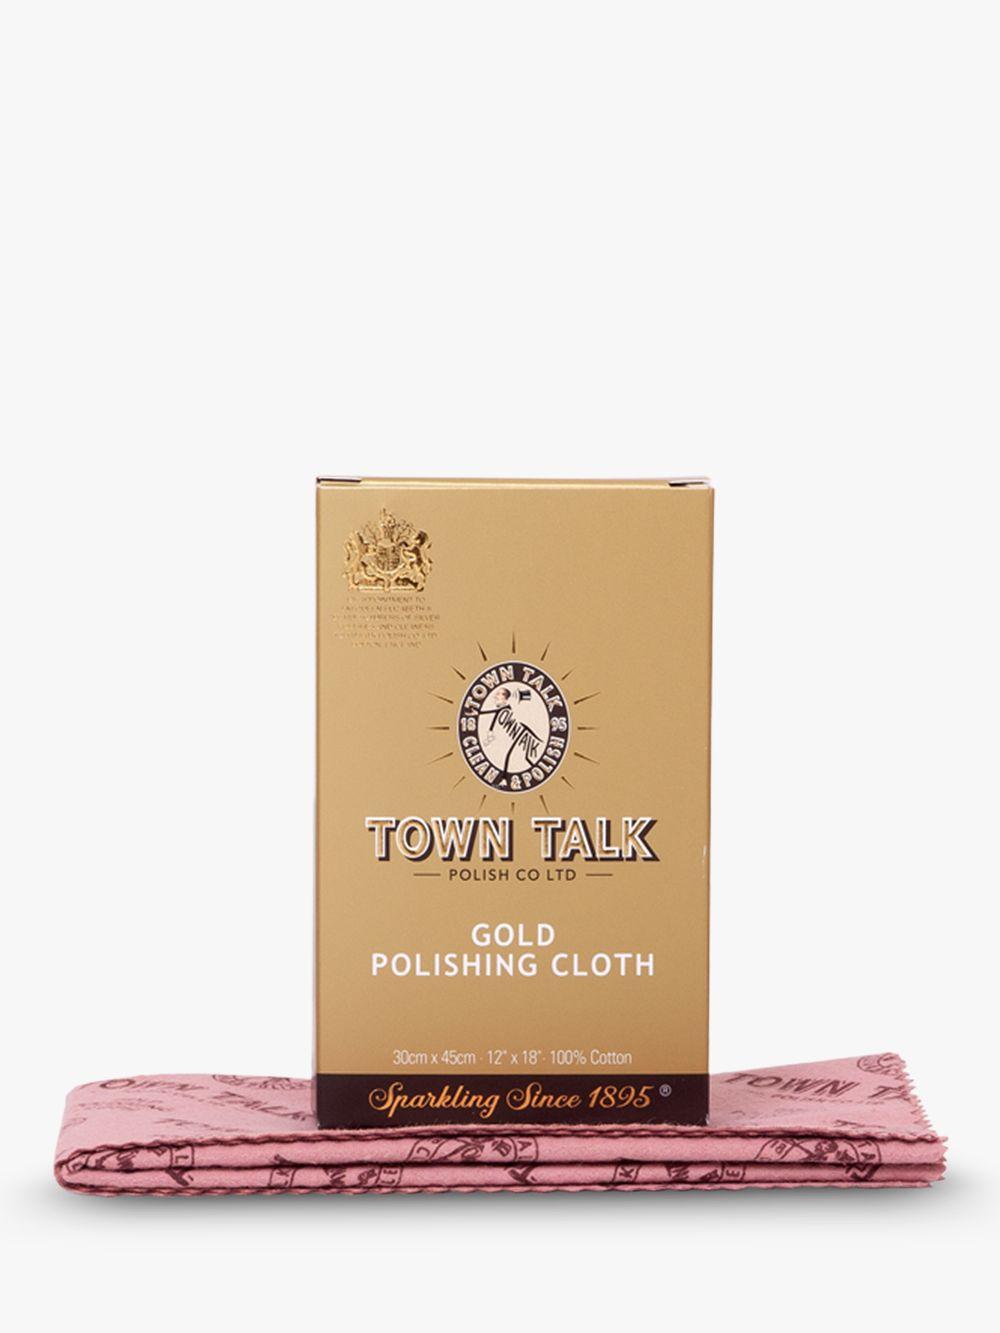 Town Talk Town Talk Brilliant Gold Polishing Cloth